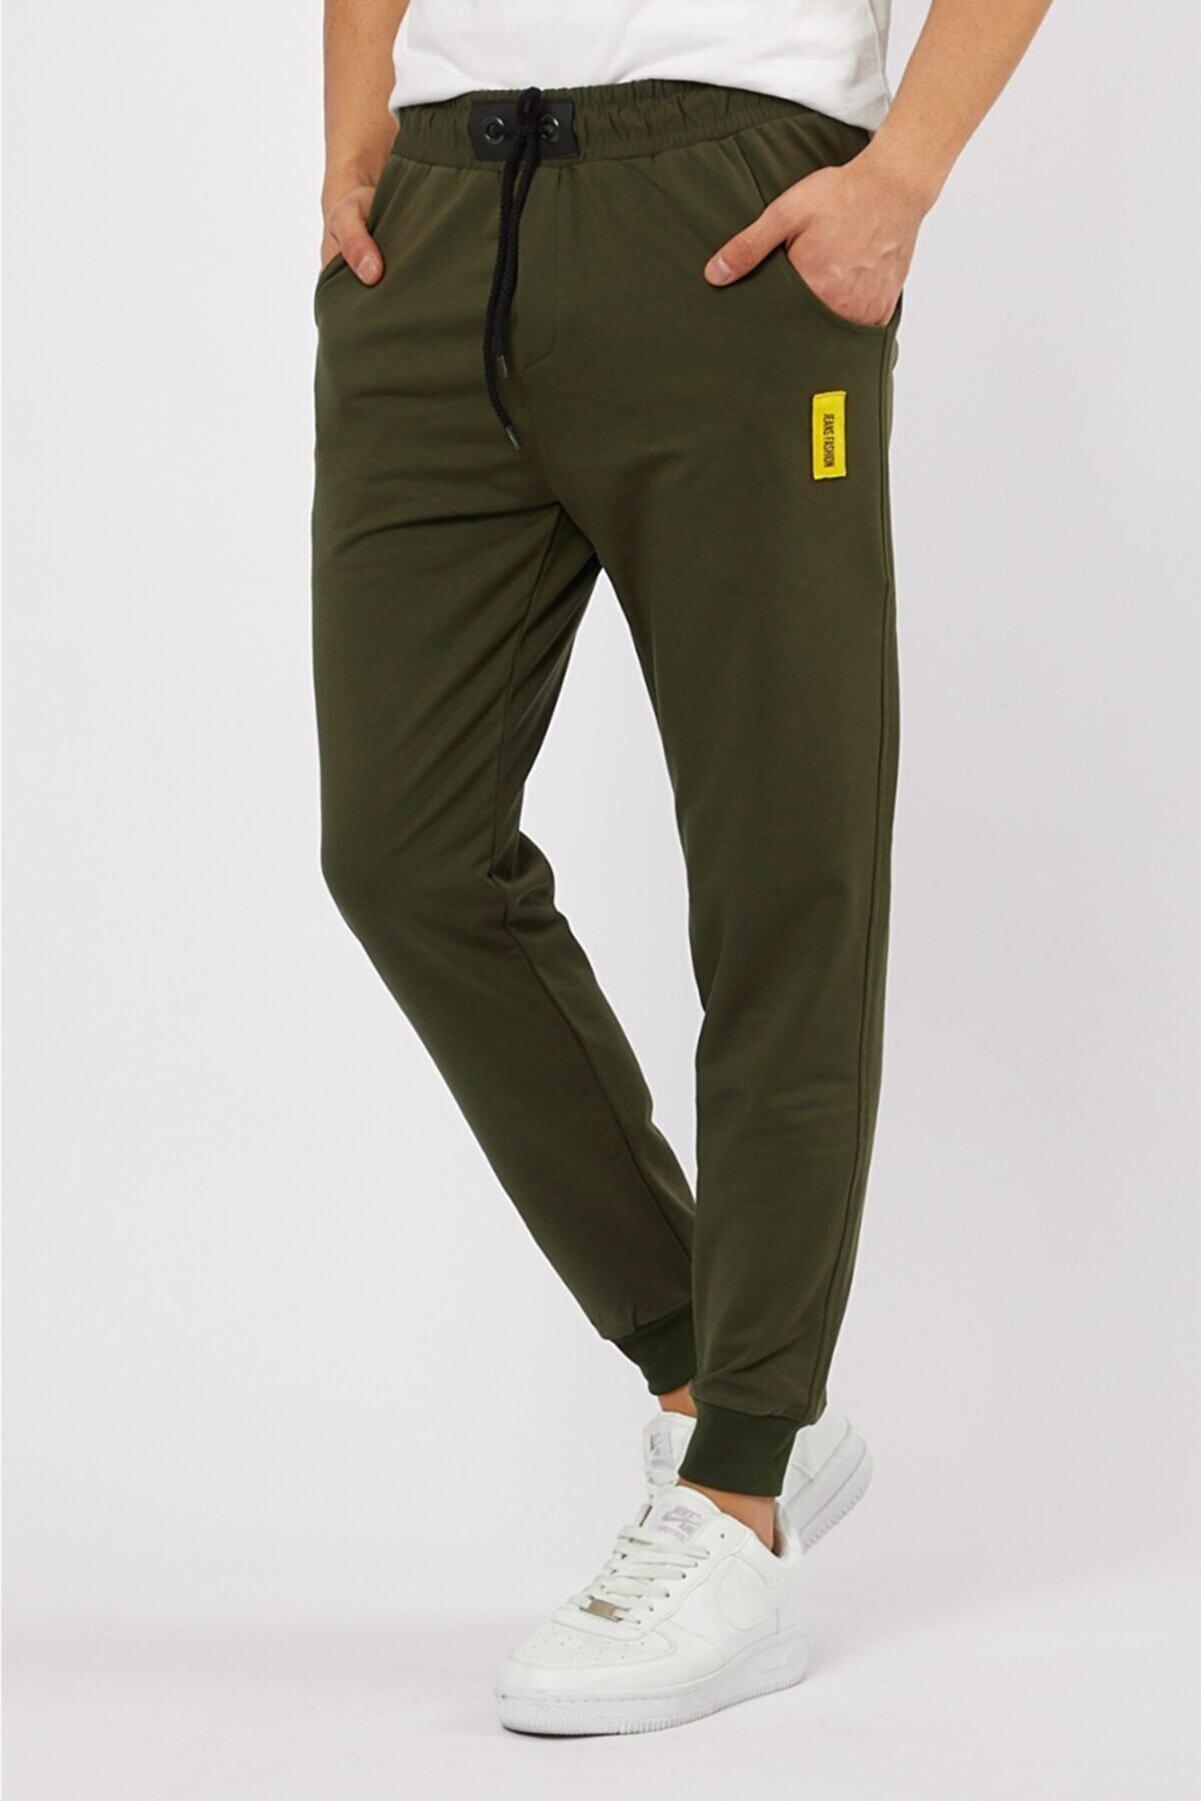 MaesSE Erkek haki jeans fashion günlük eşofman altı